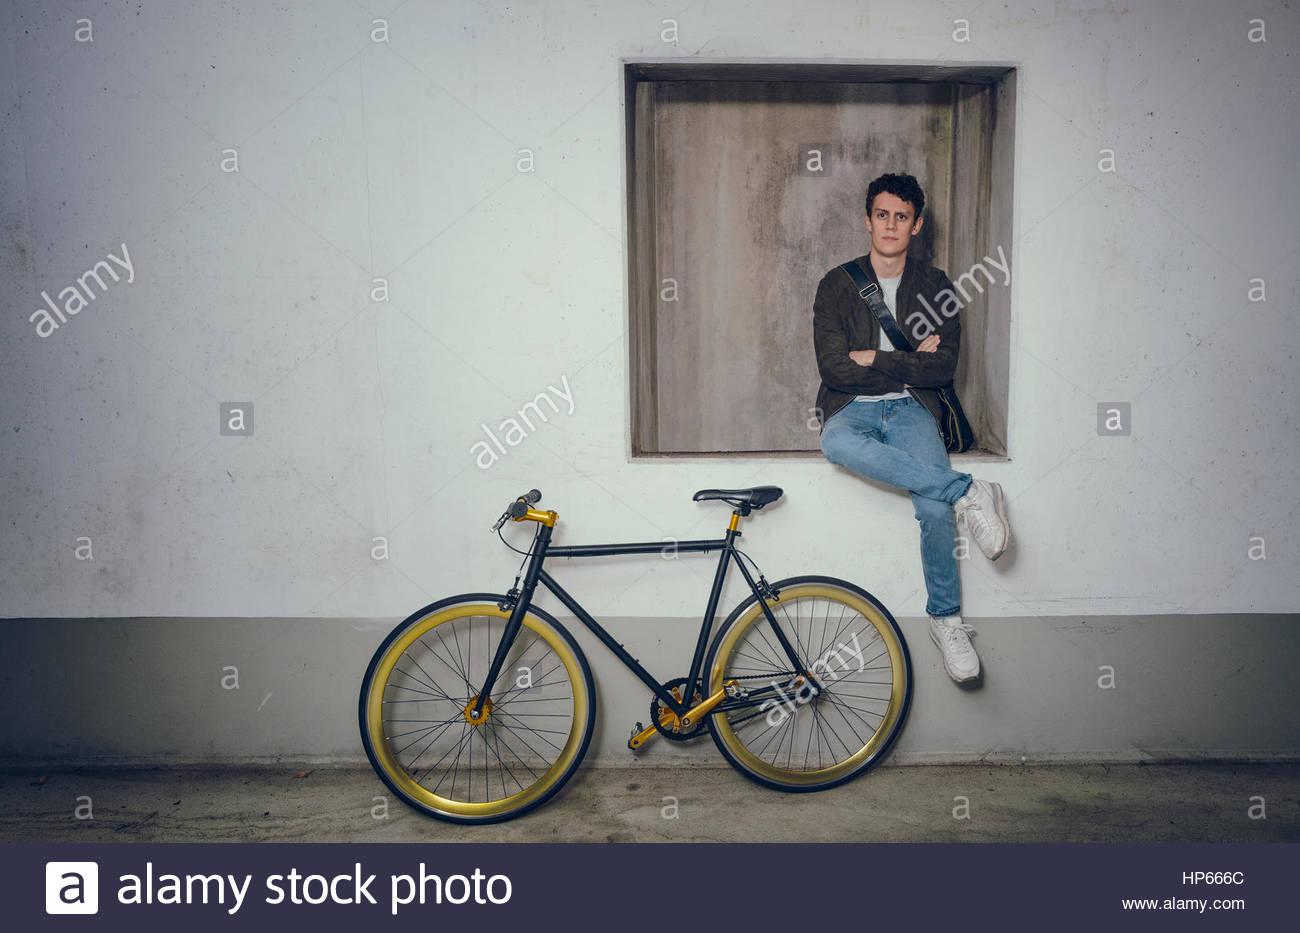 0c511ebc99de79 Giovane uomo cool in posa fixie bicicletta Hipster trendy Foto ...